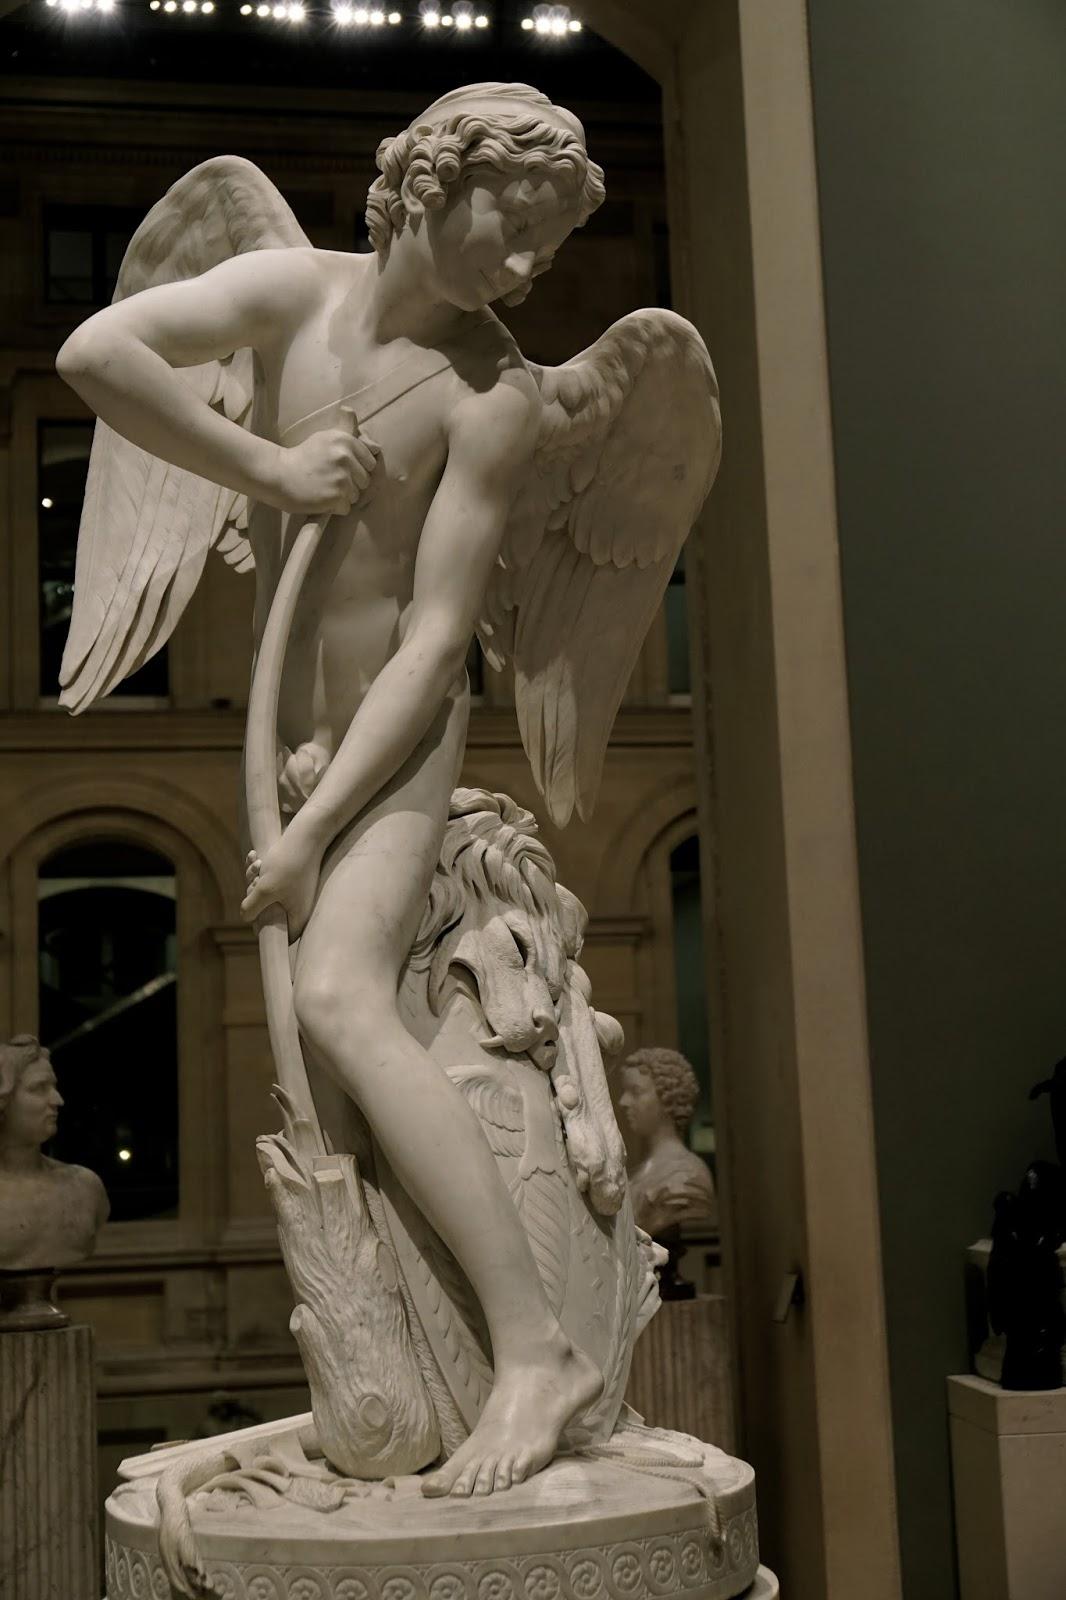 ヘラクレスの棍棒で弓を作るキューピッド(l'Amour se taillant un arc dans la massue d'Hercule)